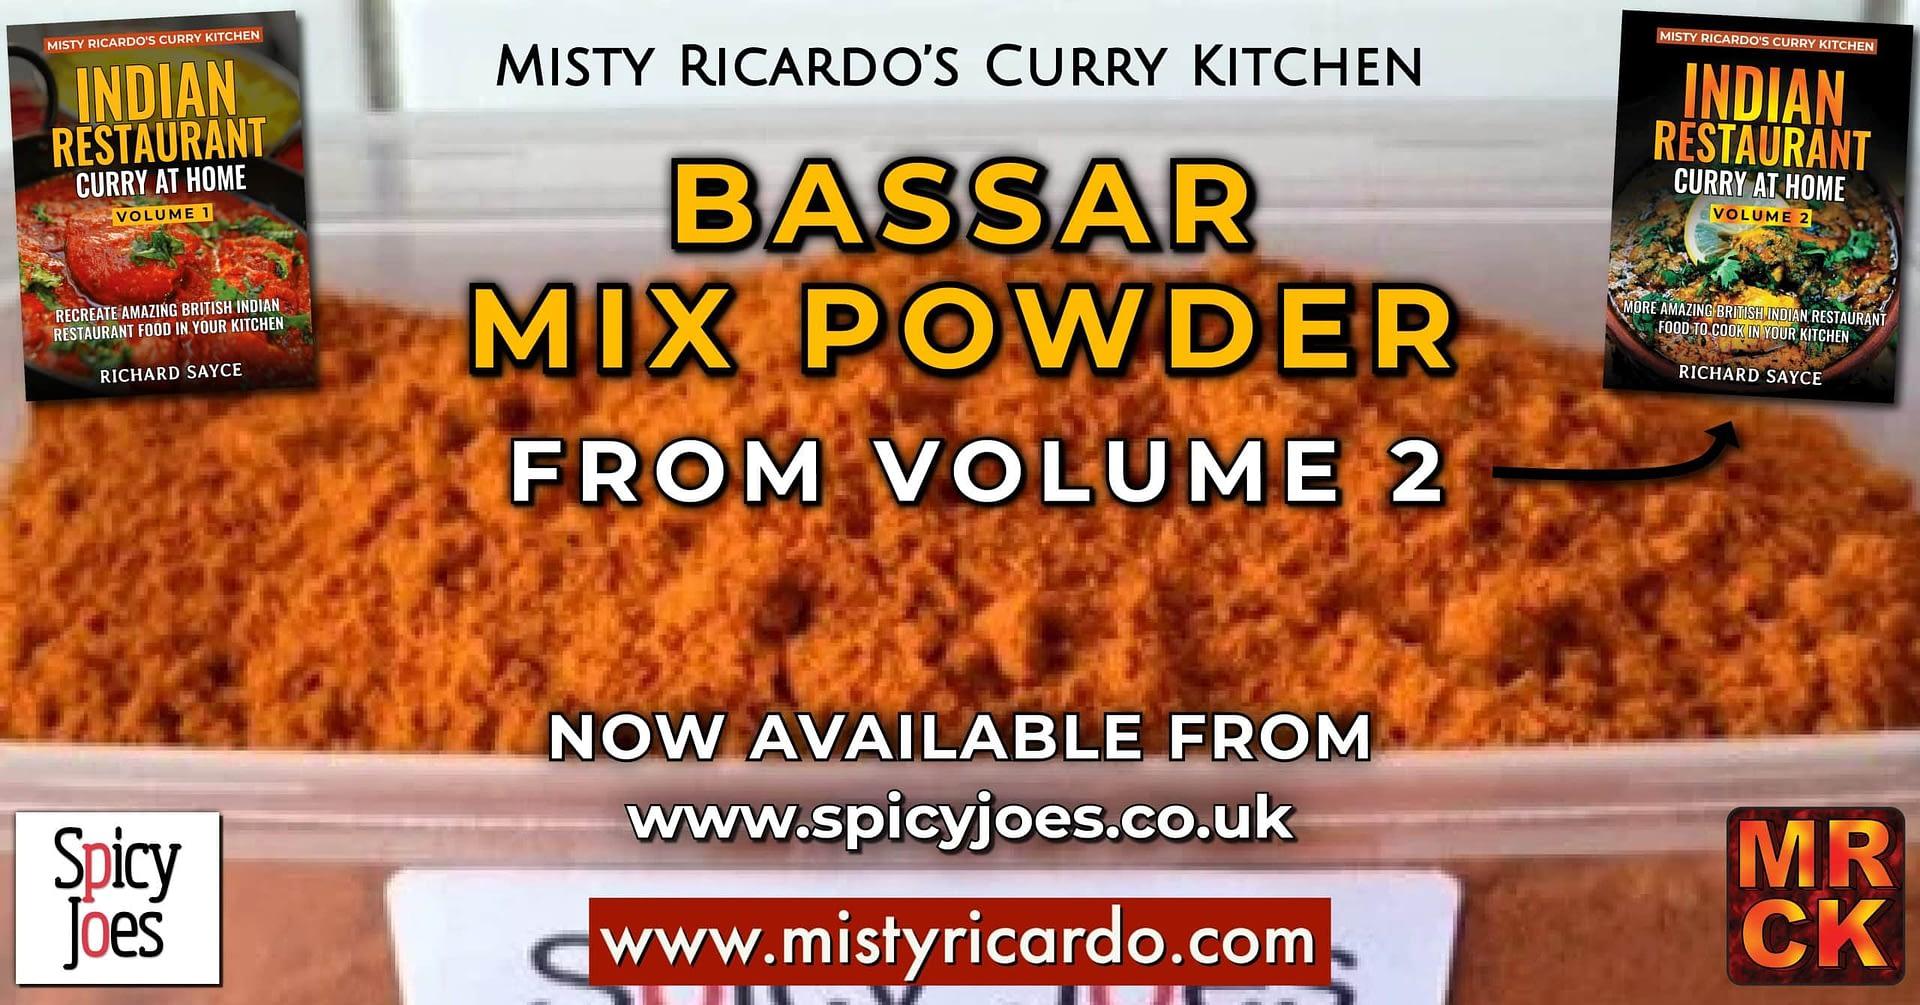 Spicy Joes - Misty Ricardo's Bassar Mix Powder